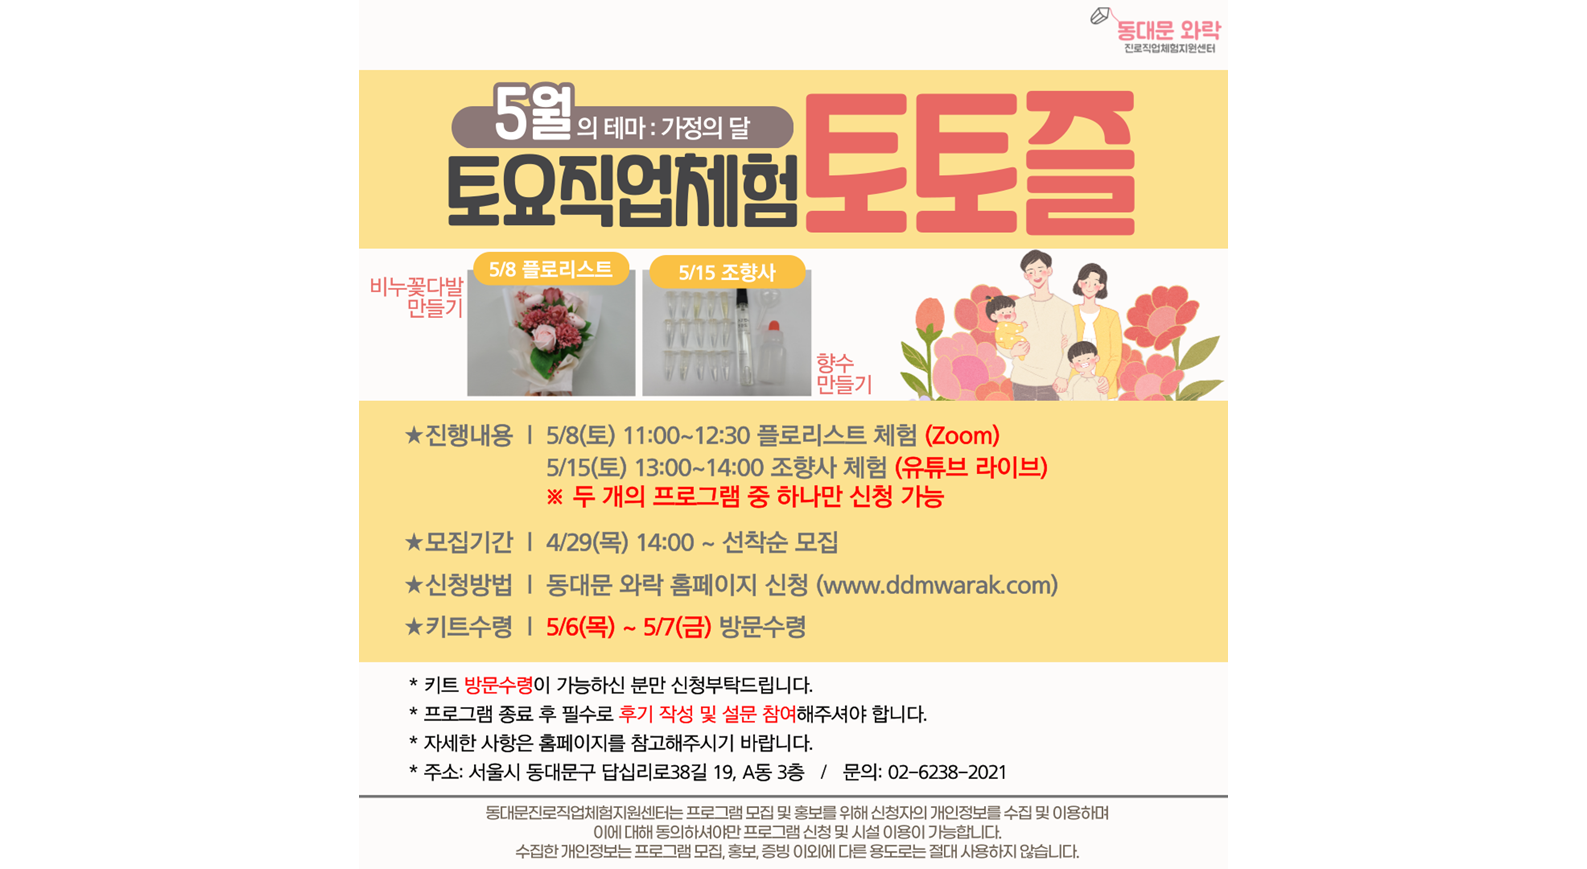 [종료] 5월 토토즐 - 플로리스트&조향사 (중복신청불가)